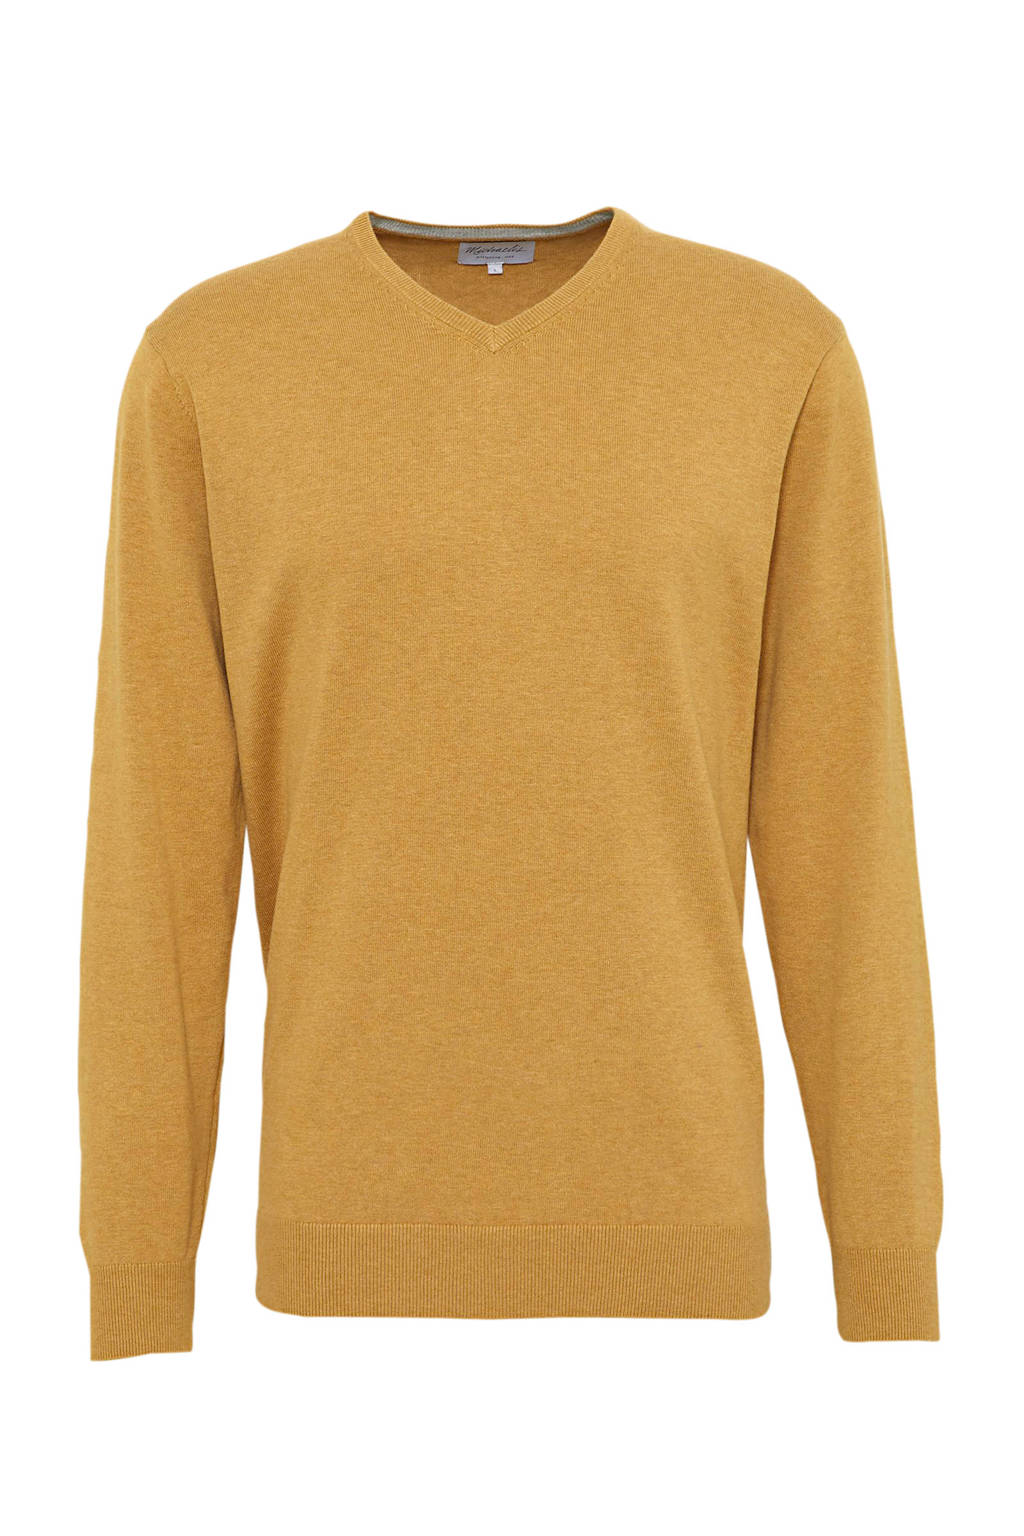 Michaelis fijngebreide trui geel, Geel